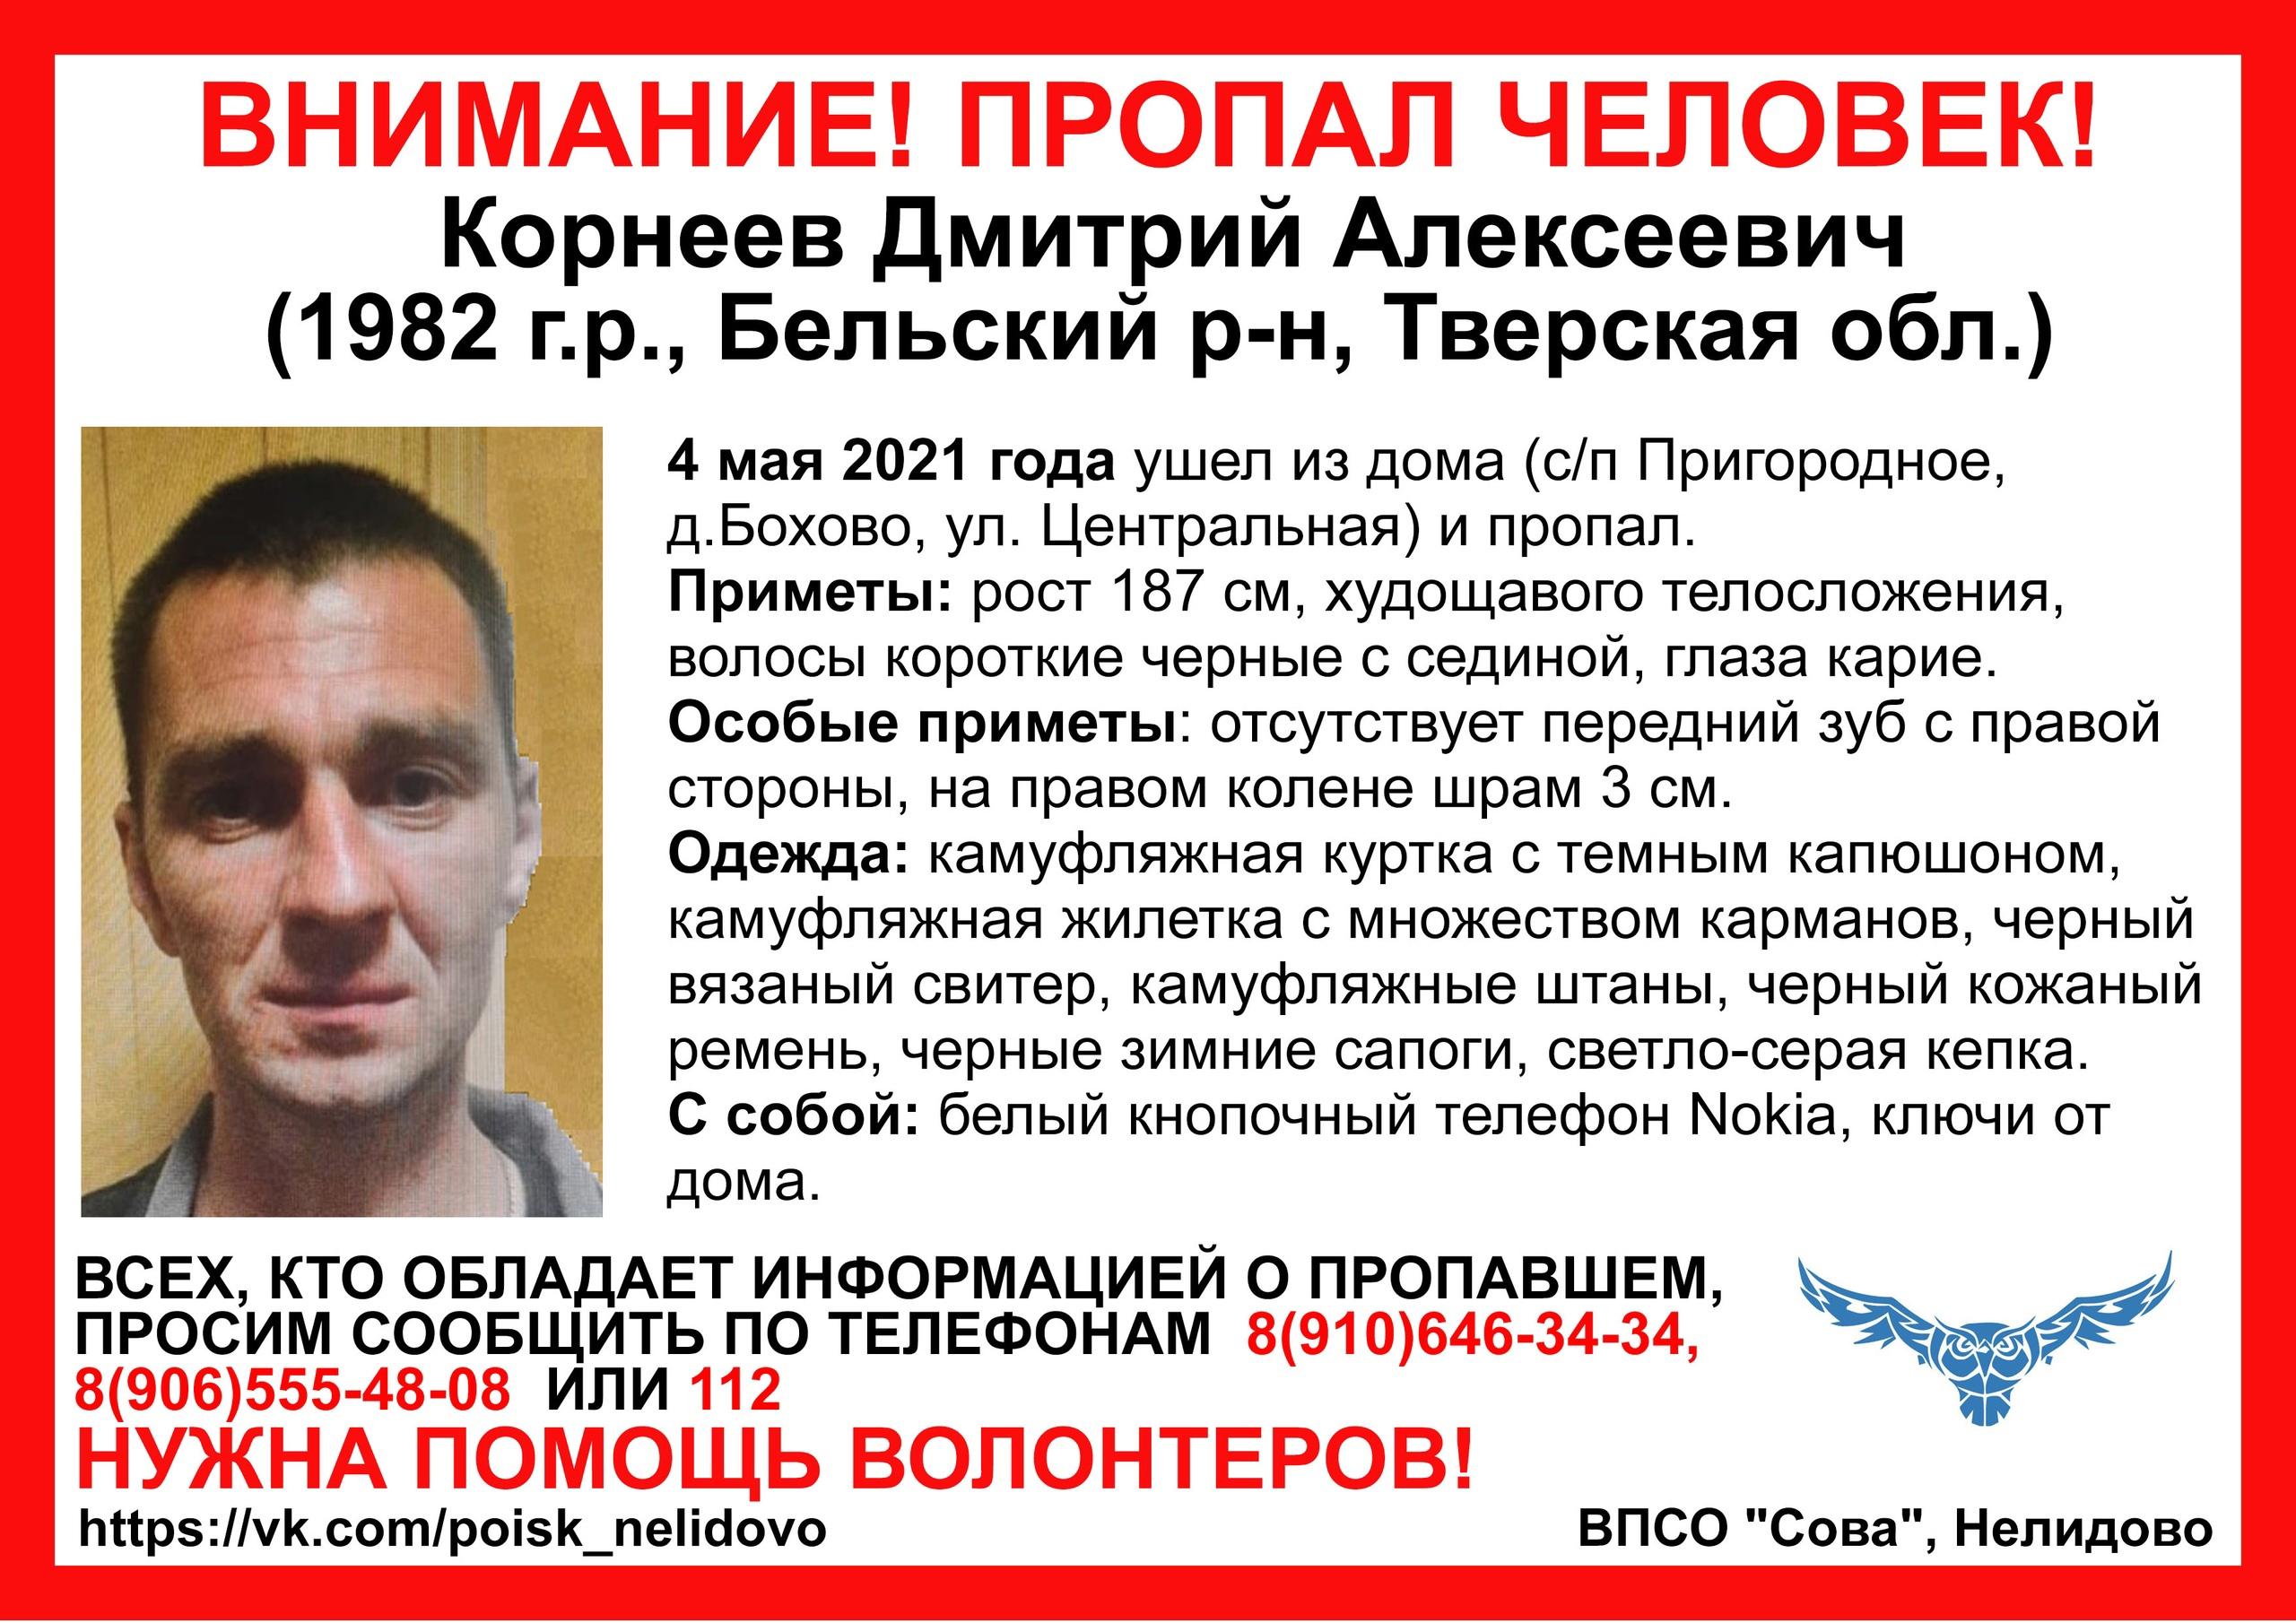 В Тверской области пропал высокий мужчина в камуфляжном костюме